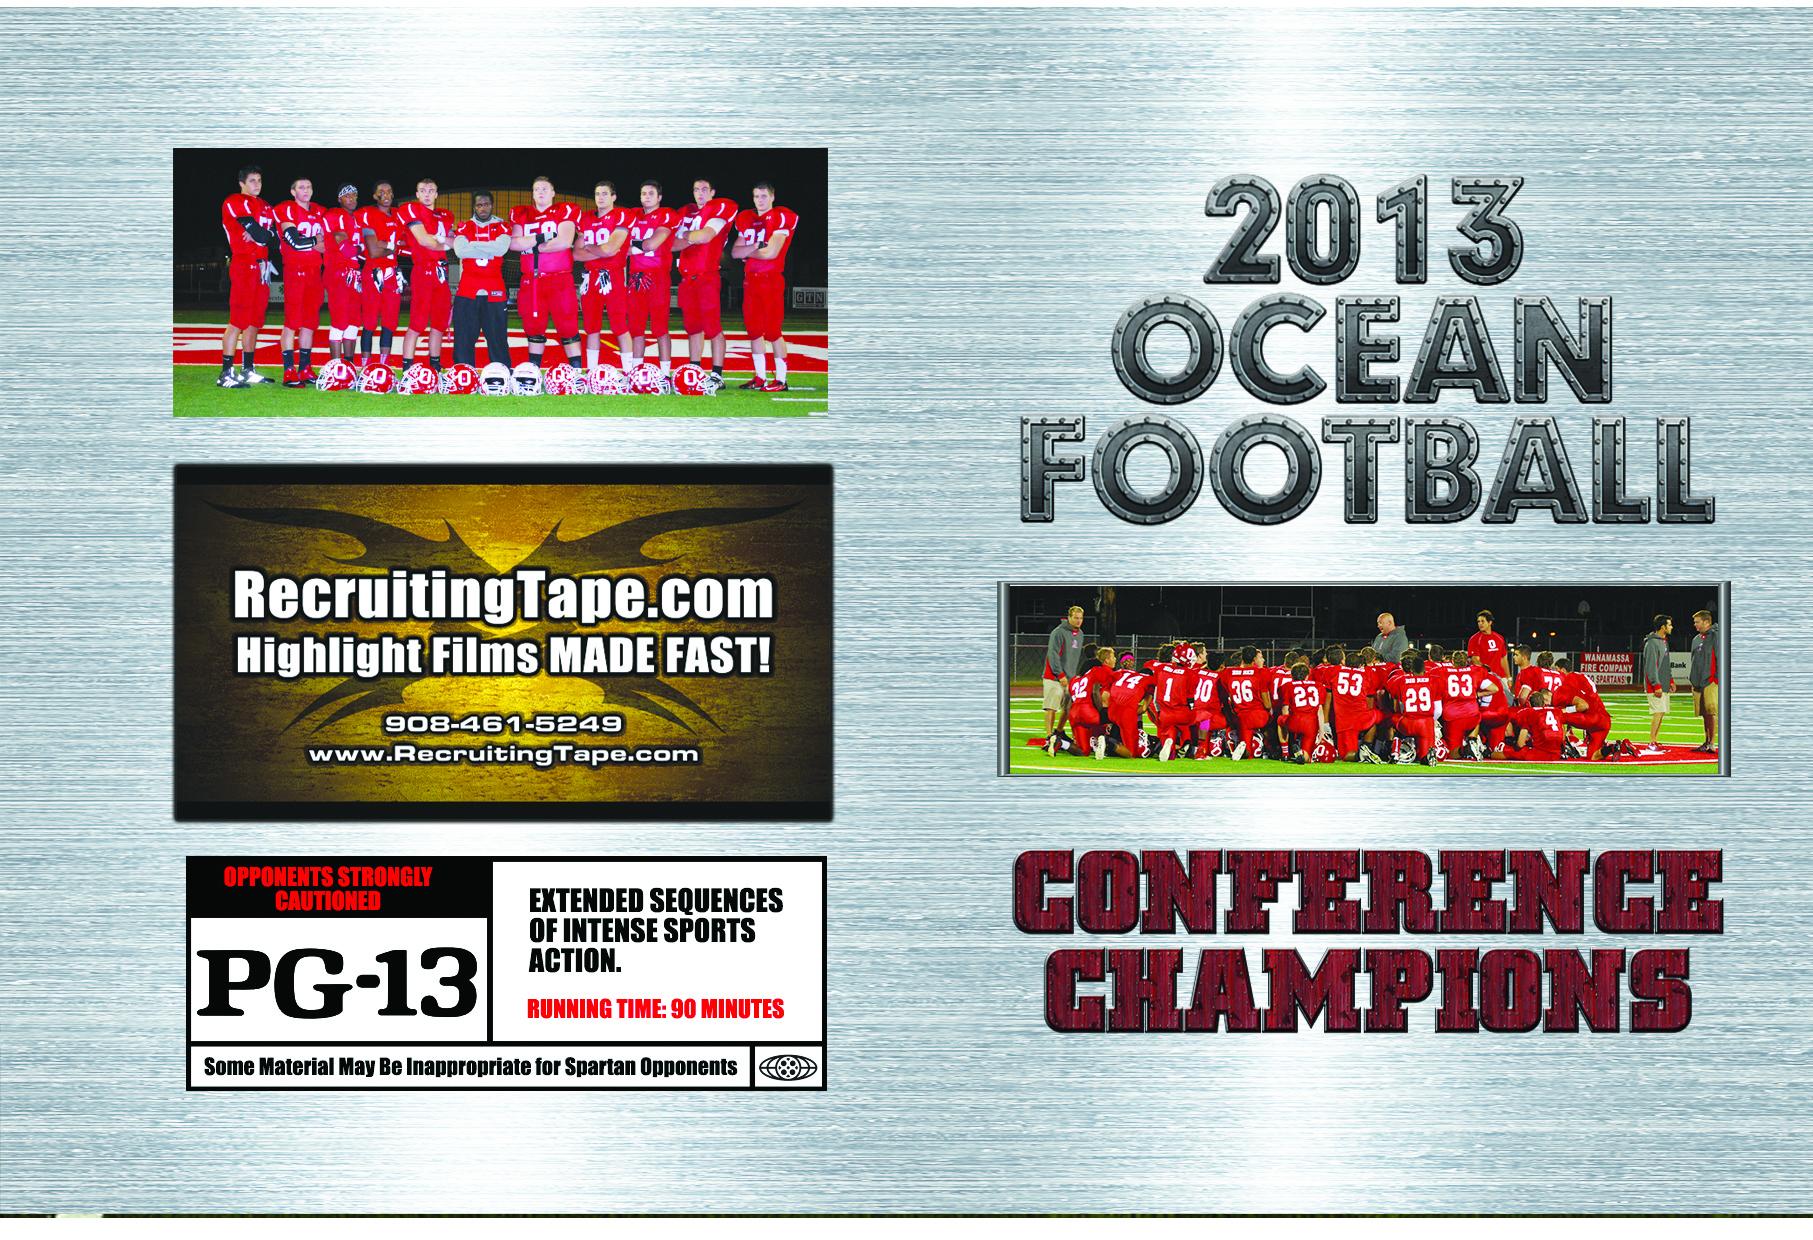 2013 Ocean Football Highlight Film Football Jacket.jpg